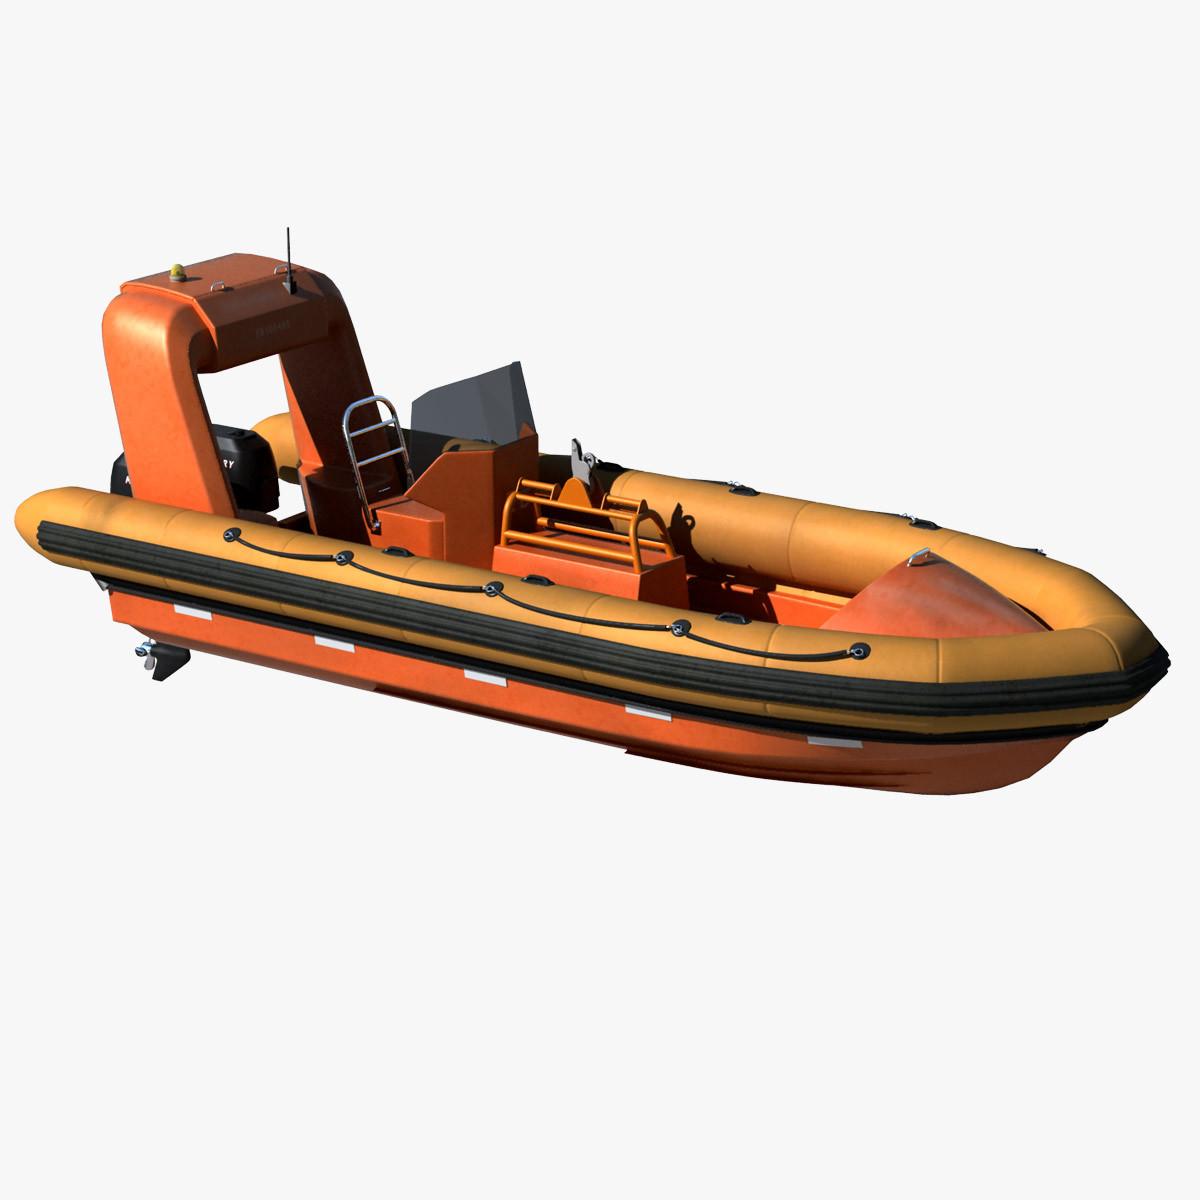 rescue_boat1.jpg